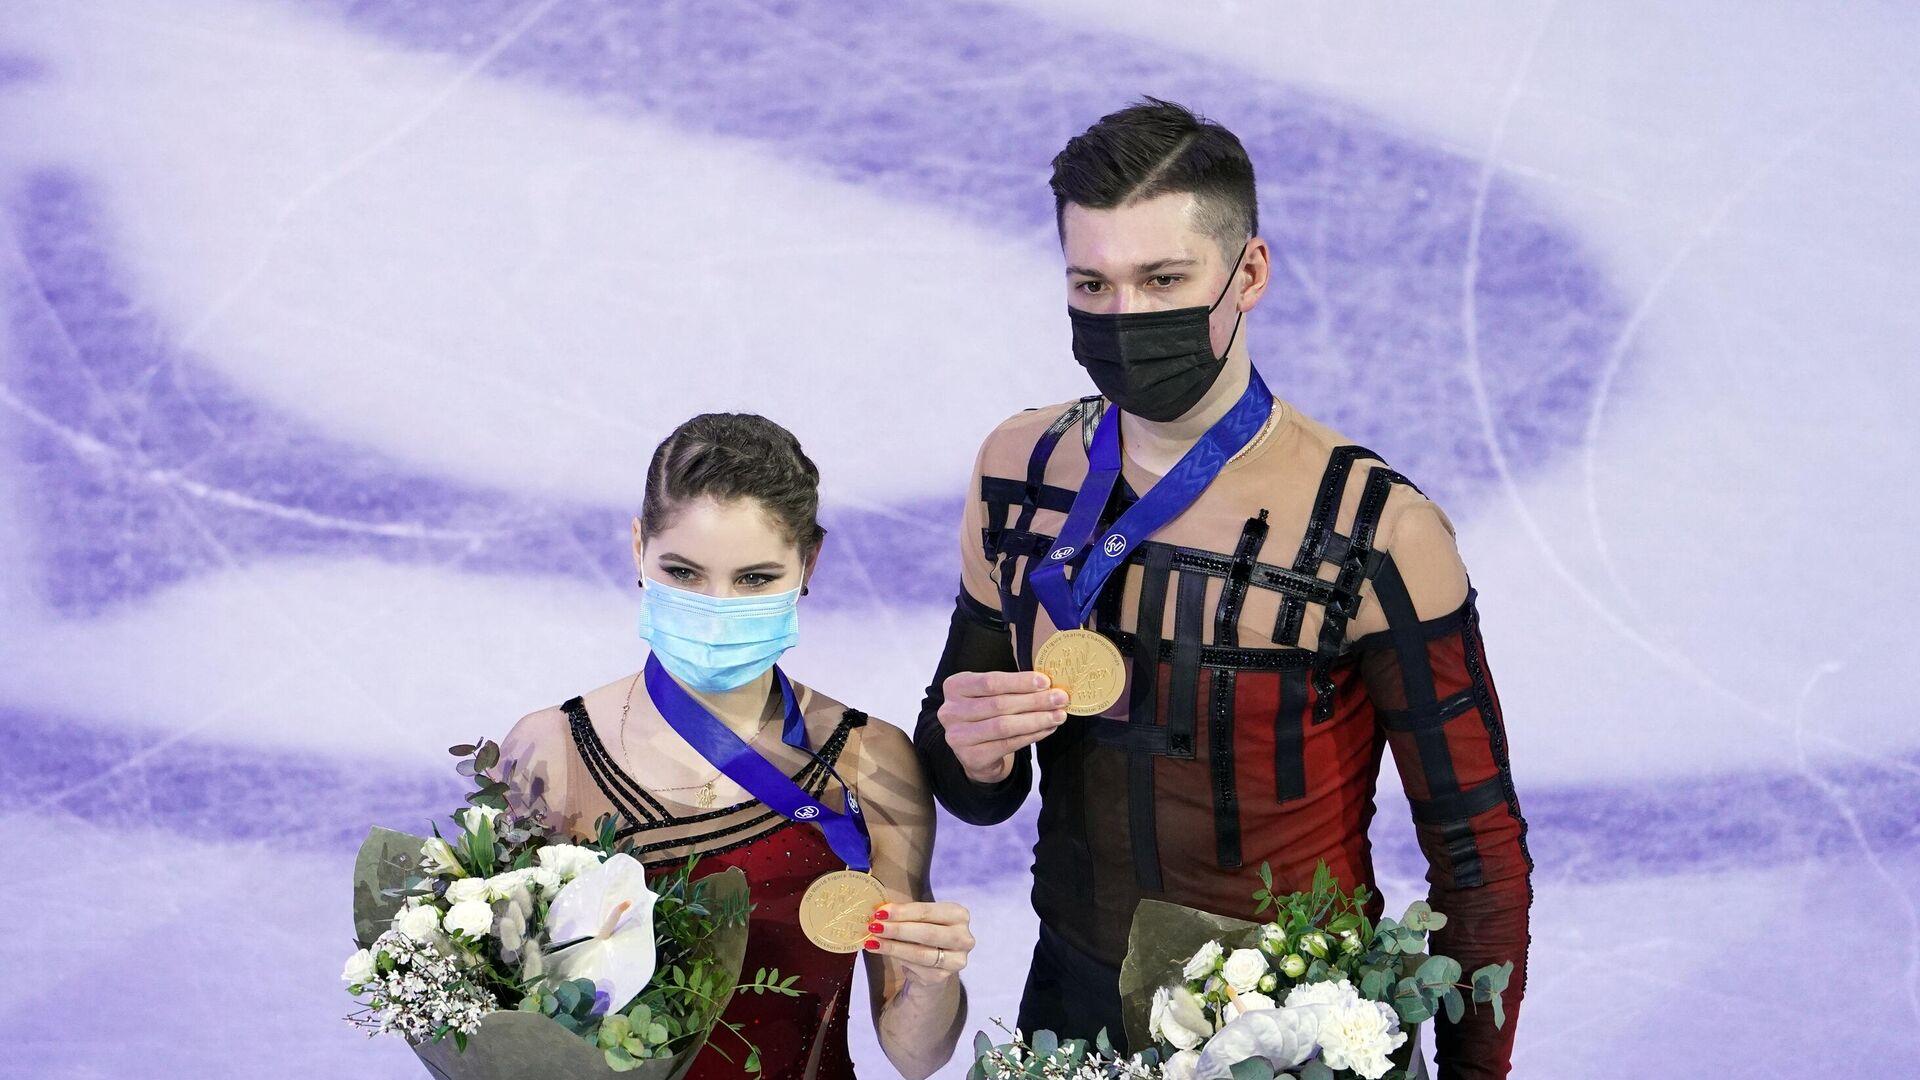 Анастасия Мишина и Александр Галлямов - РИА Новости, 1920, 26.03.2021